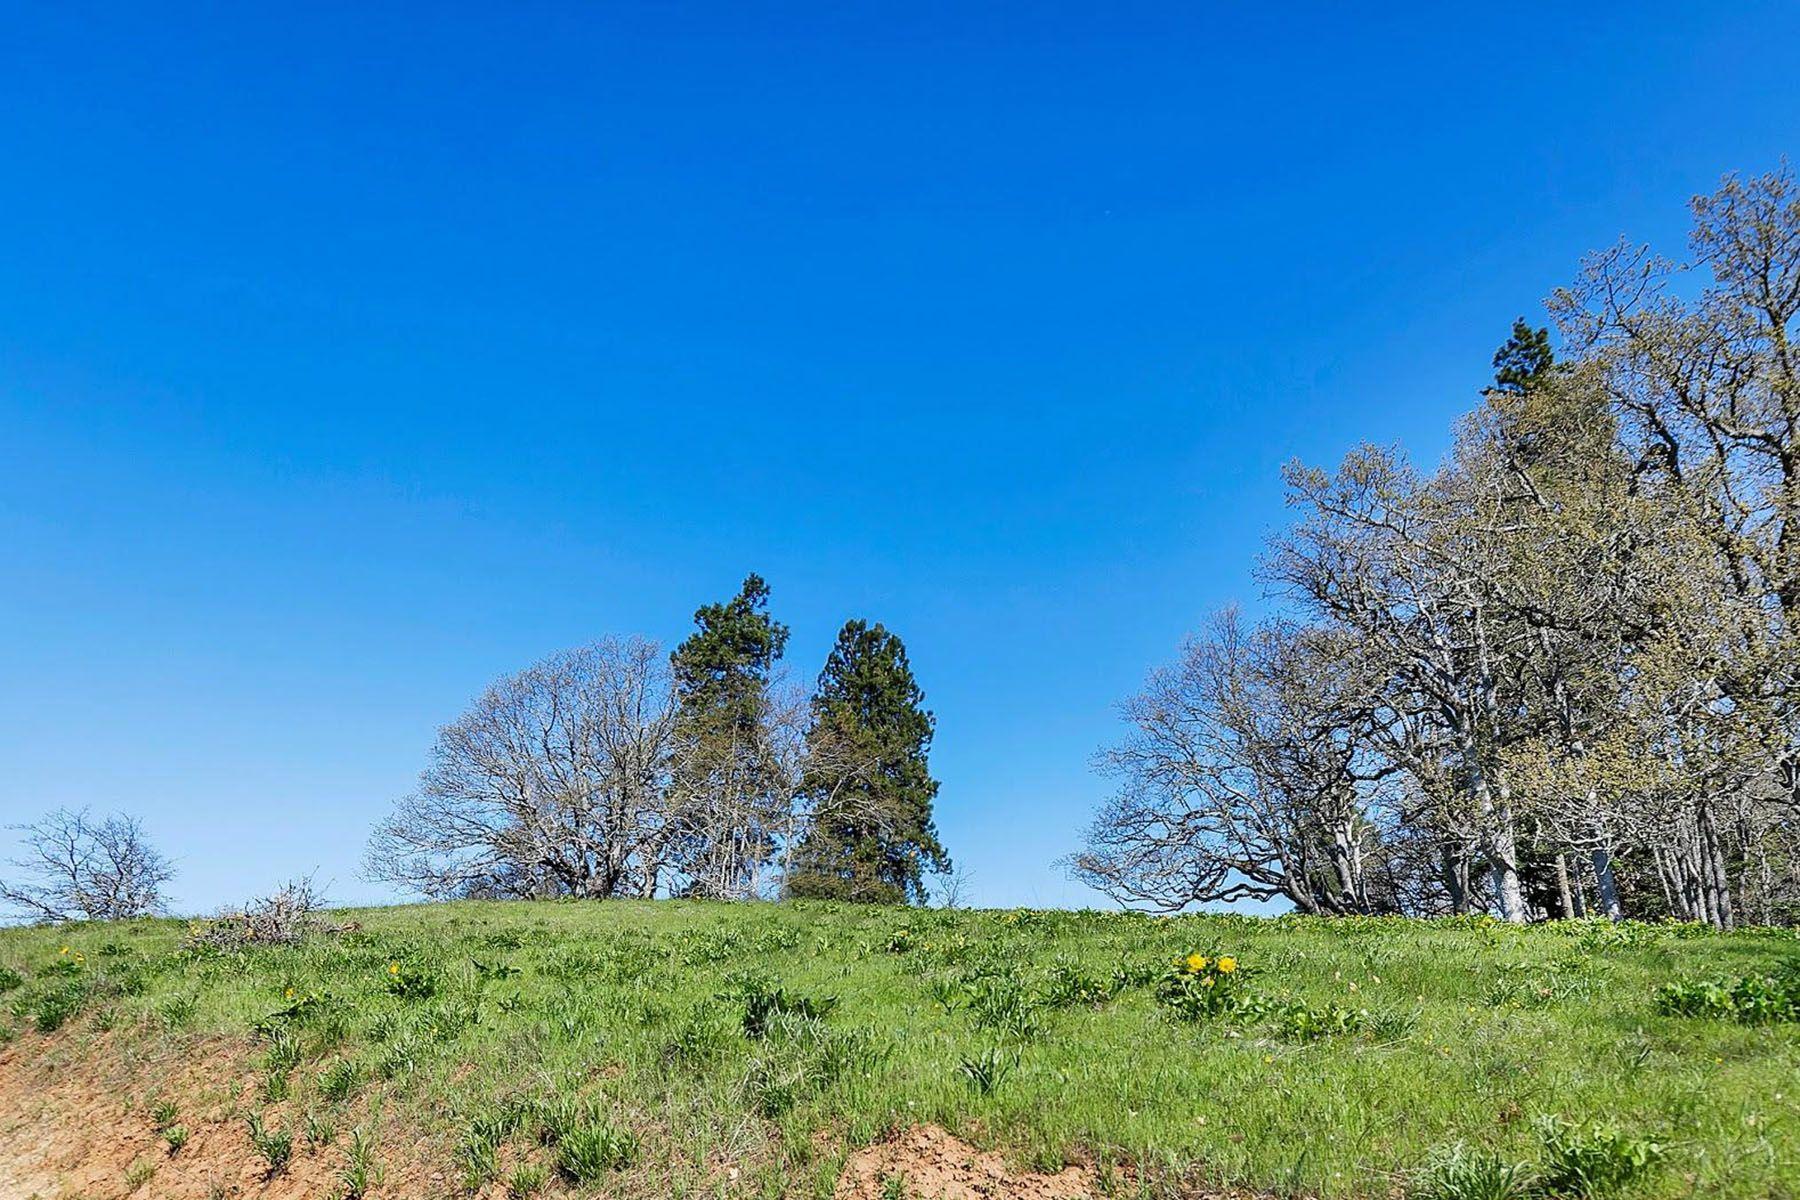 Land for Active at 1268 Hidden Oaks DR 10 Hood River, OR 97031 1268 Hidden Oaks DR 10 Hood River, Oregon 97031 United States